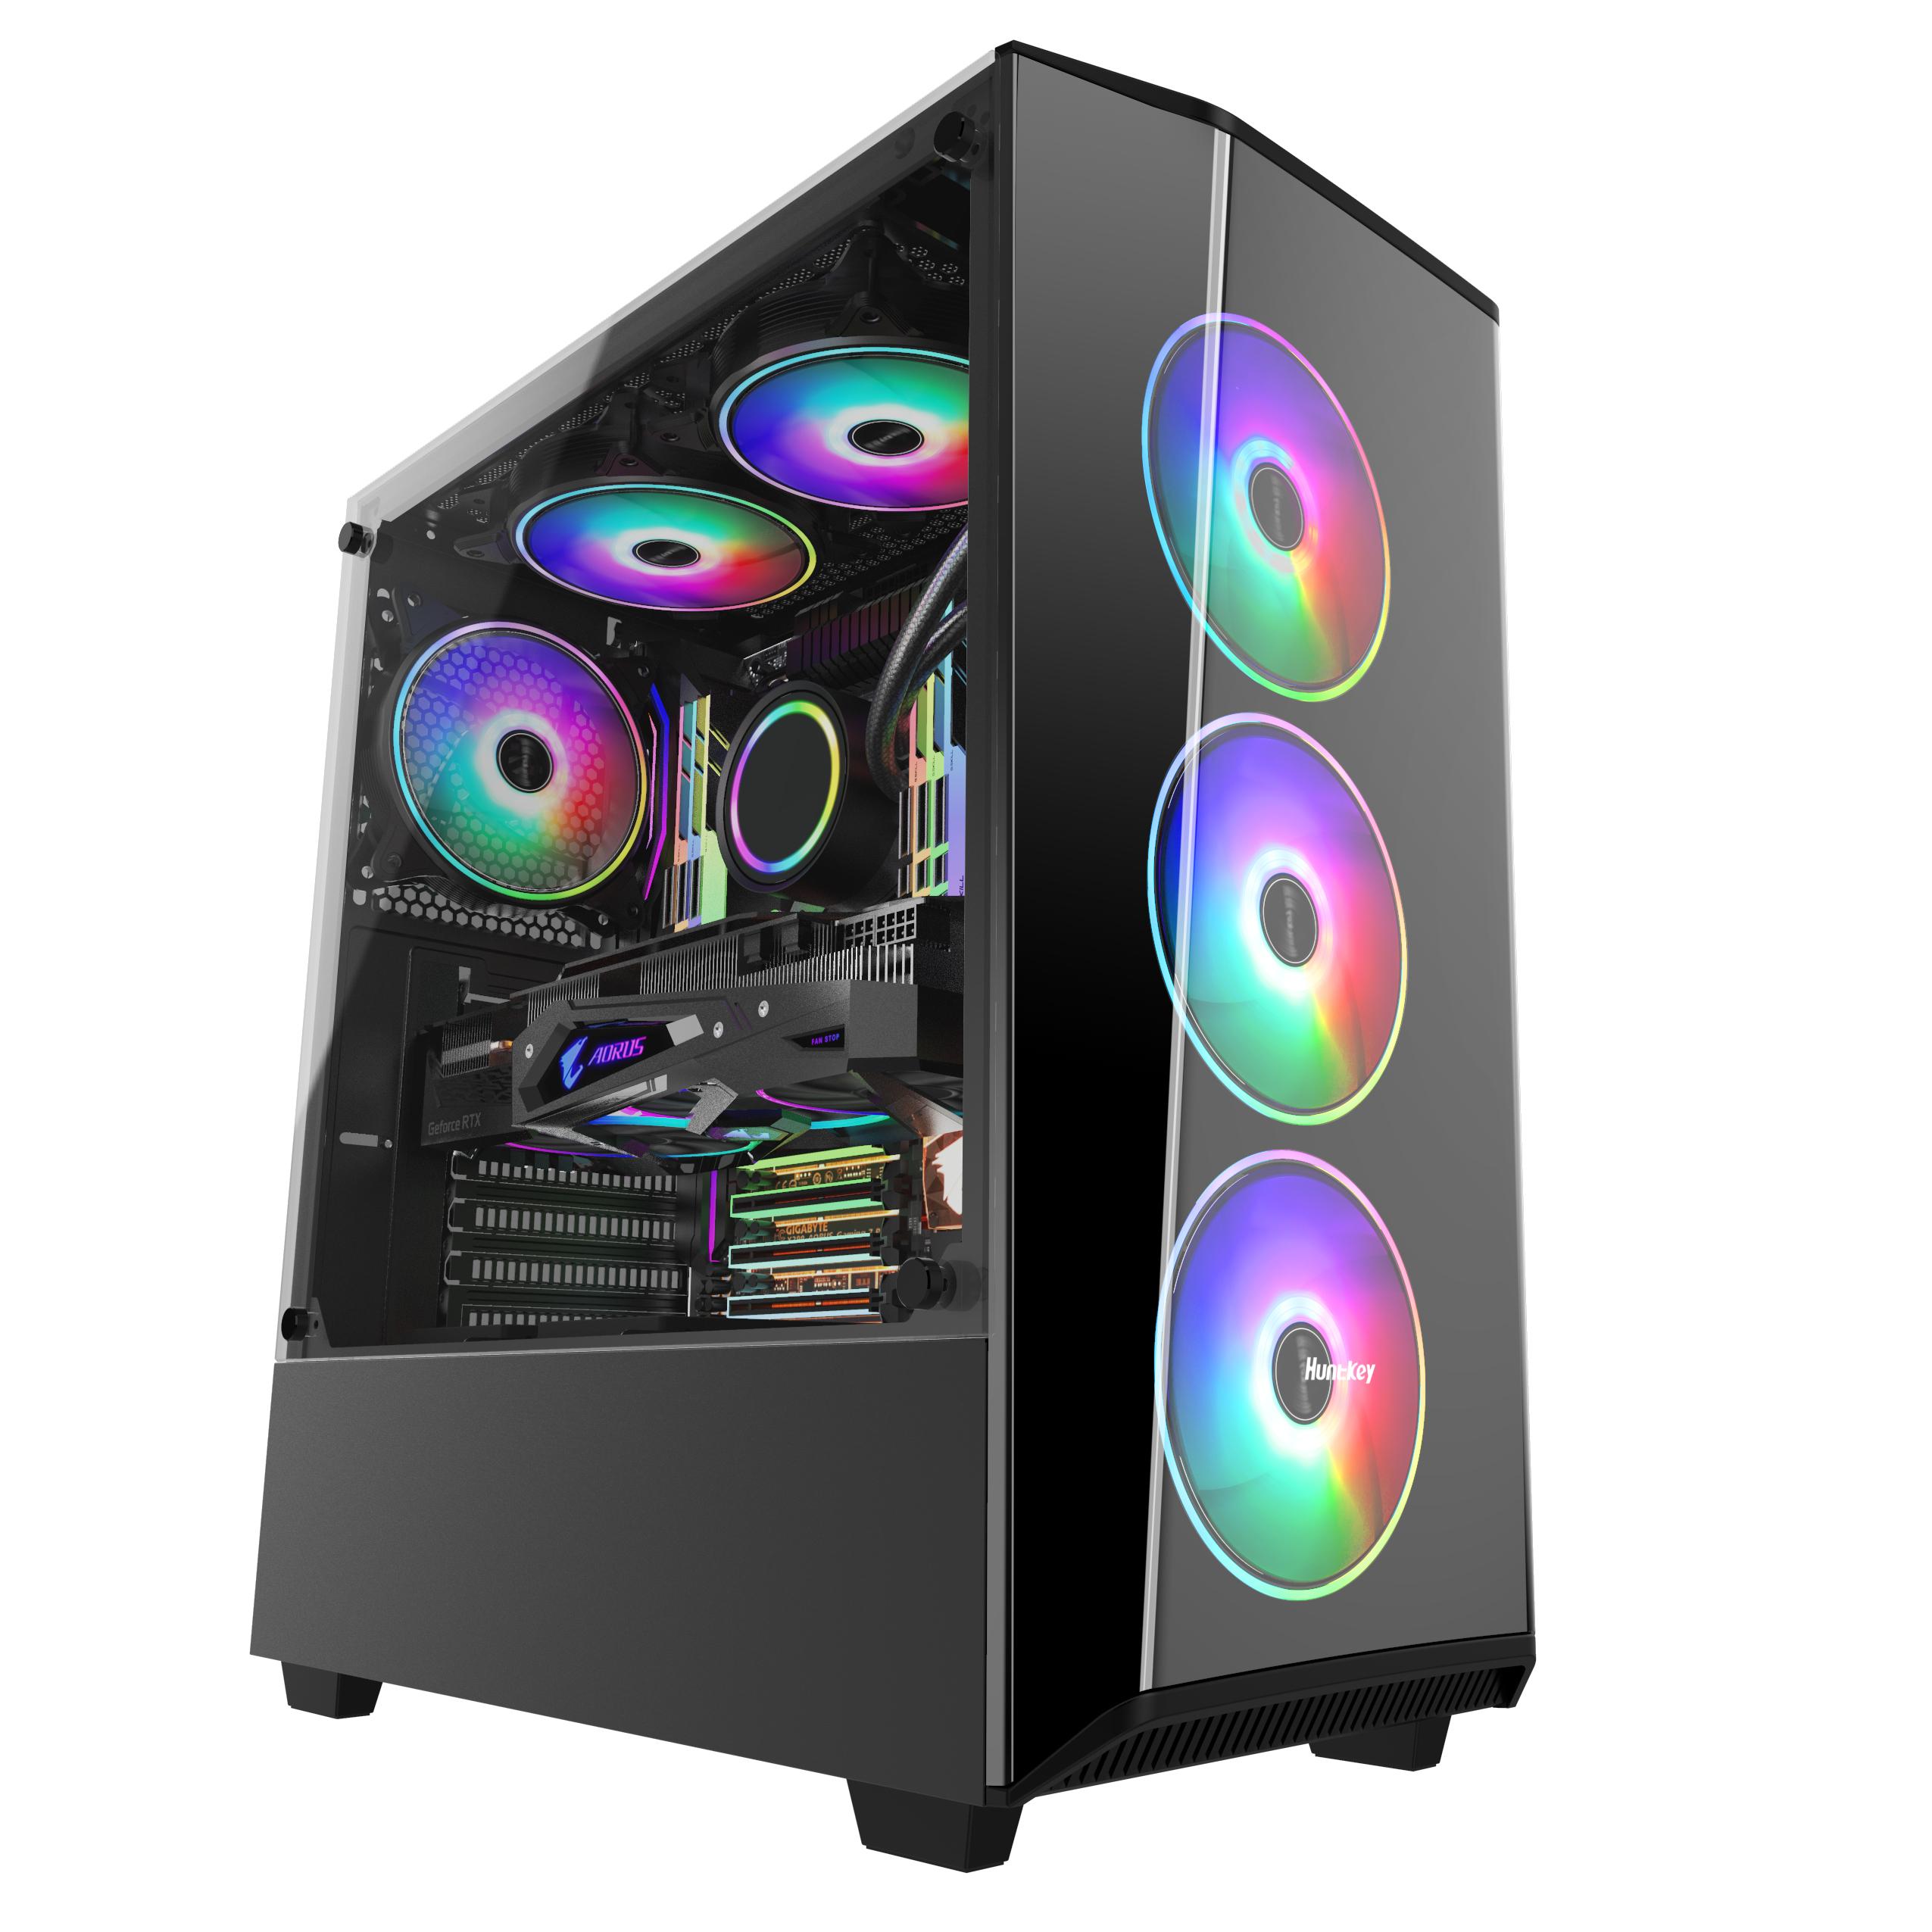 航嘉 GX580U 台式主机电脑机箱游戏水冷ATX大板玻璃侧透机箱背线